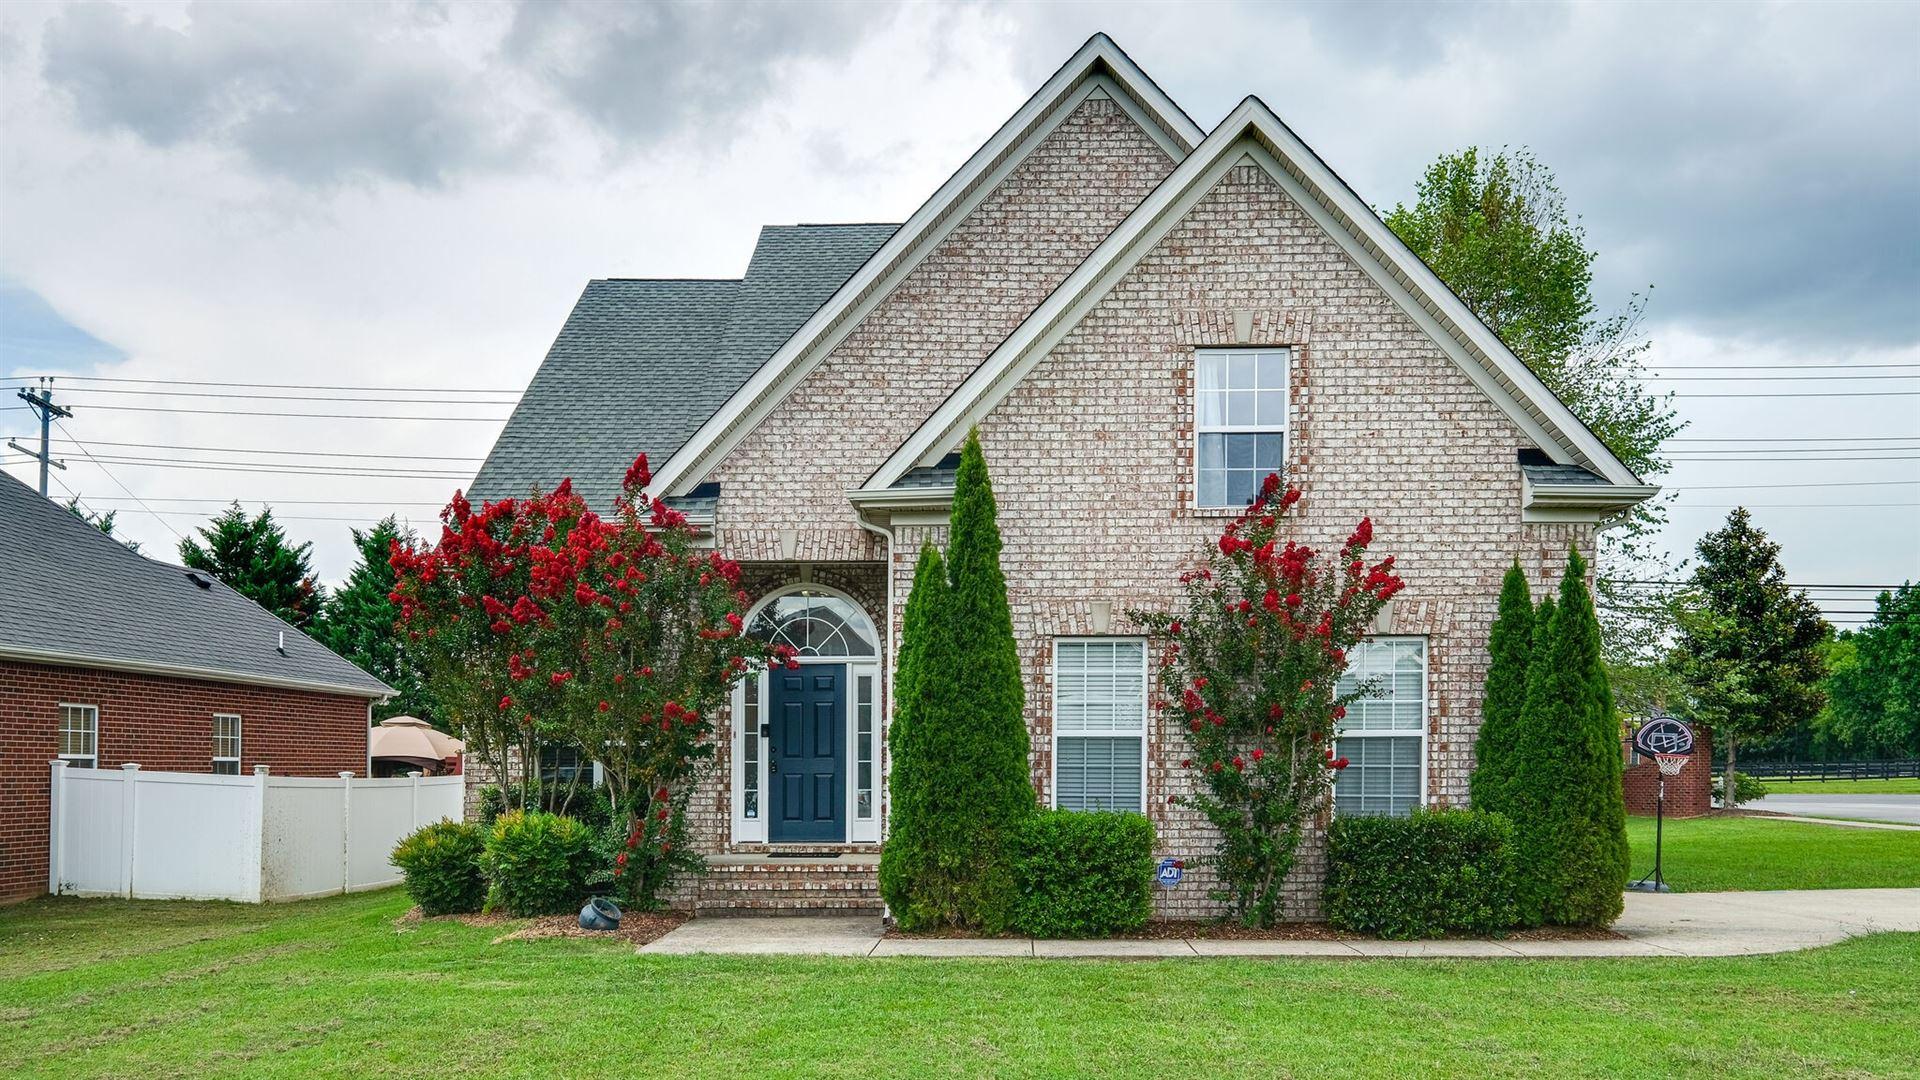 3004 Shady Glen Cir, Murfreesboro, TN 37128 - MLS#: 2181630